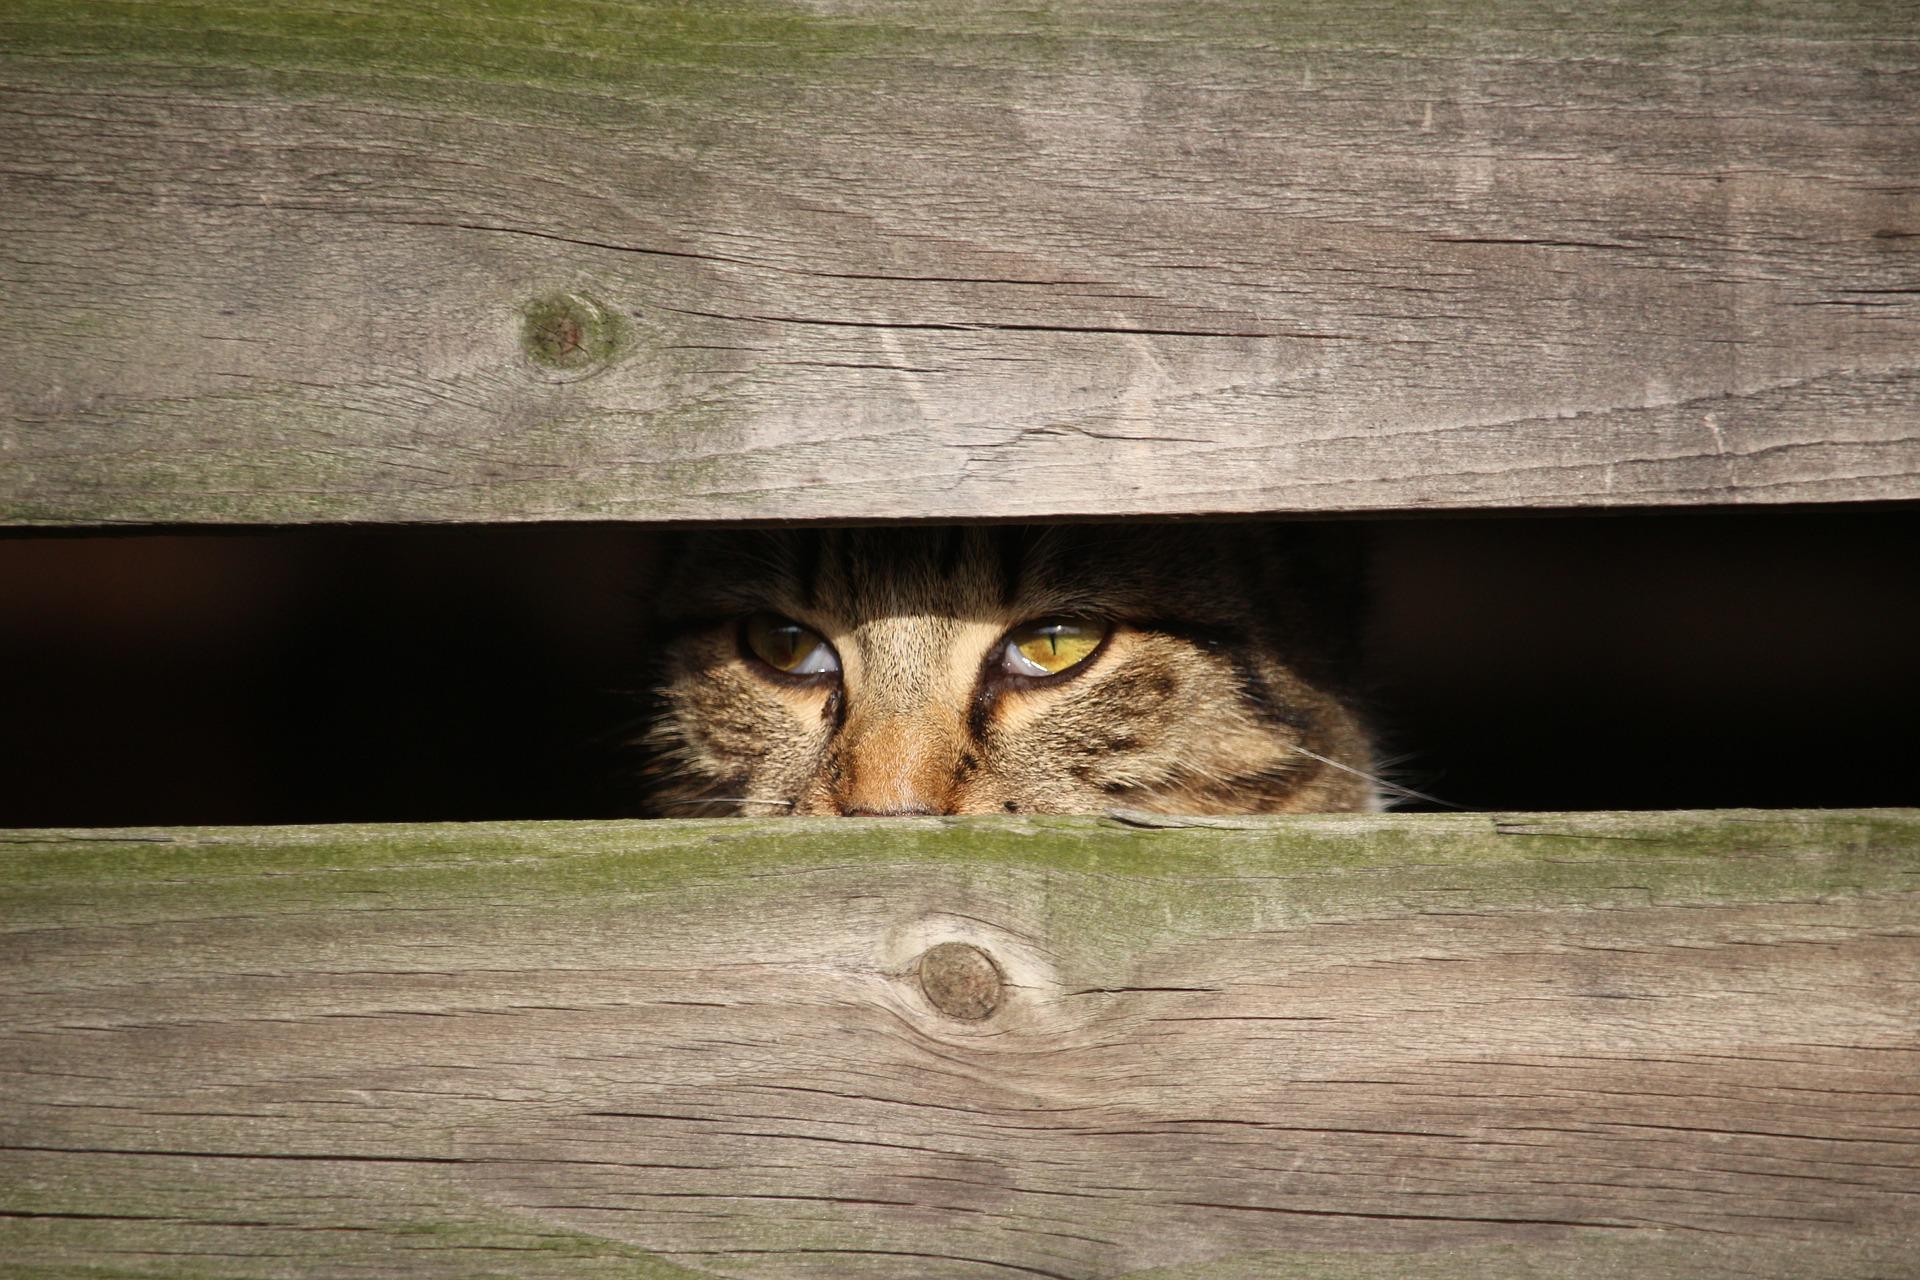 Los gatos asustados necesitan ayuda